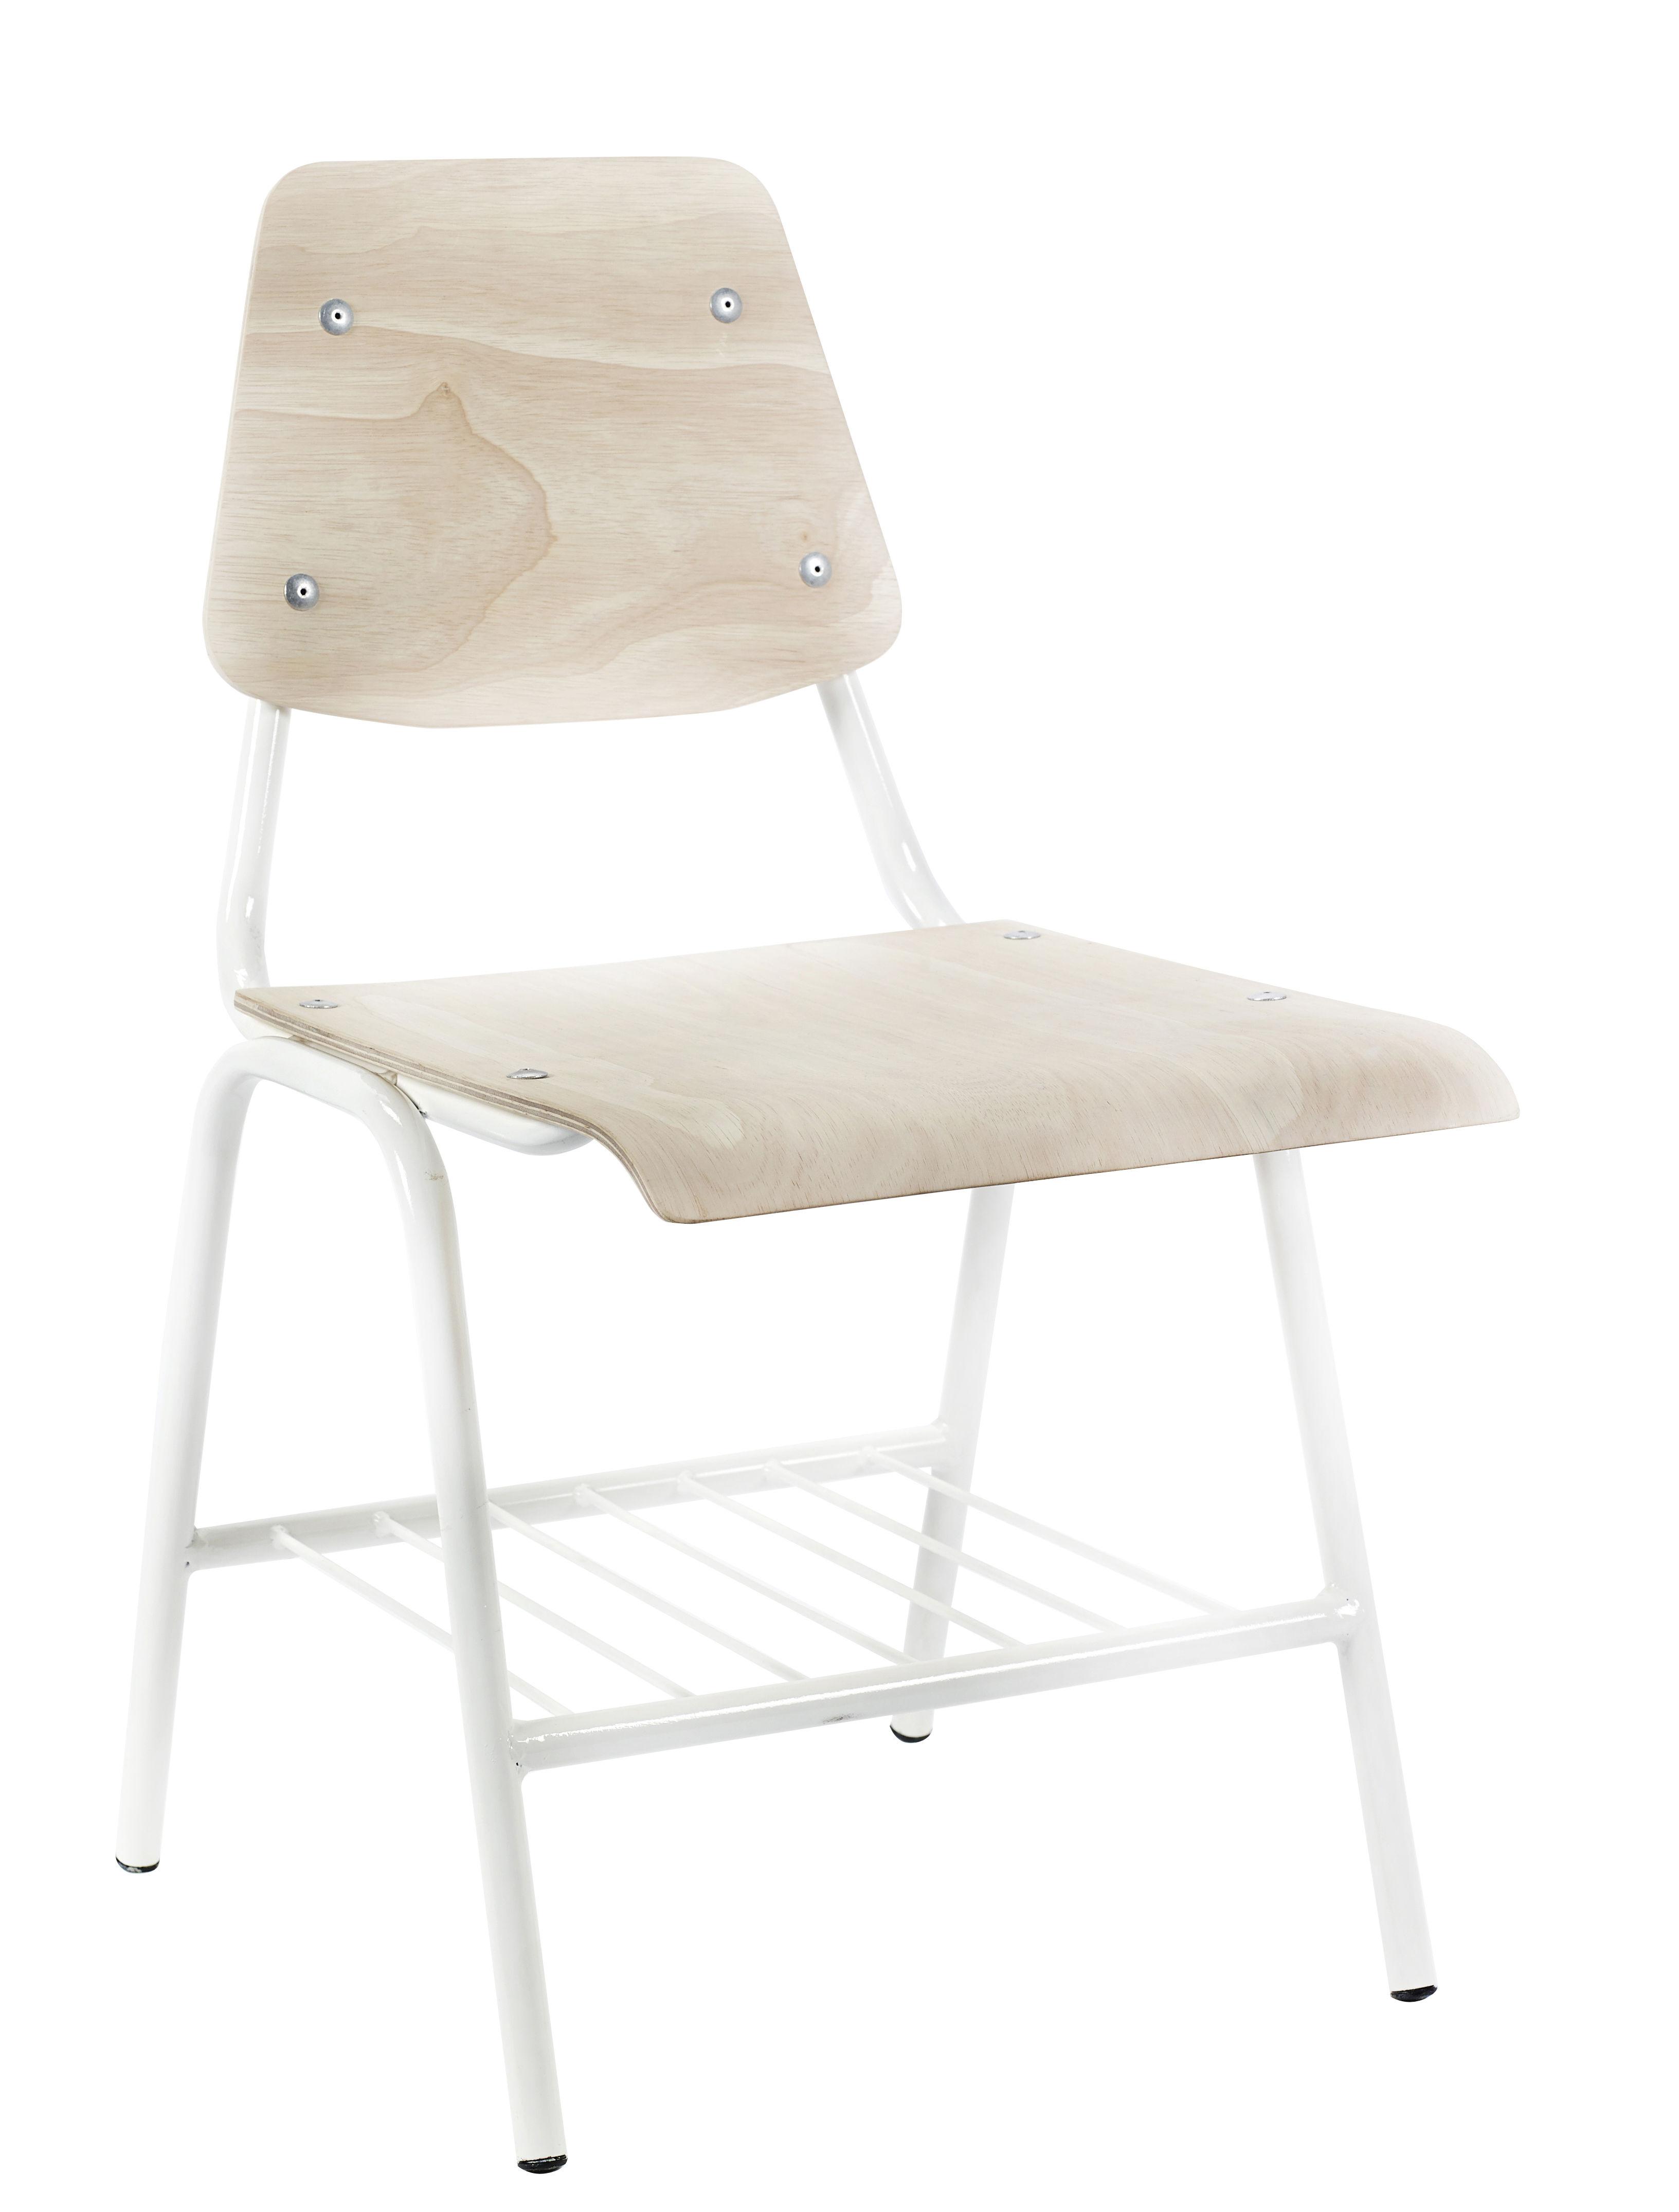 stuhl daysign von serax eiche natur wei l 37 x h 75 made in design. Black Bedroom Furniture Sets. Home Design Ideas